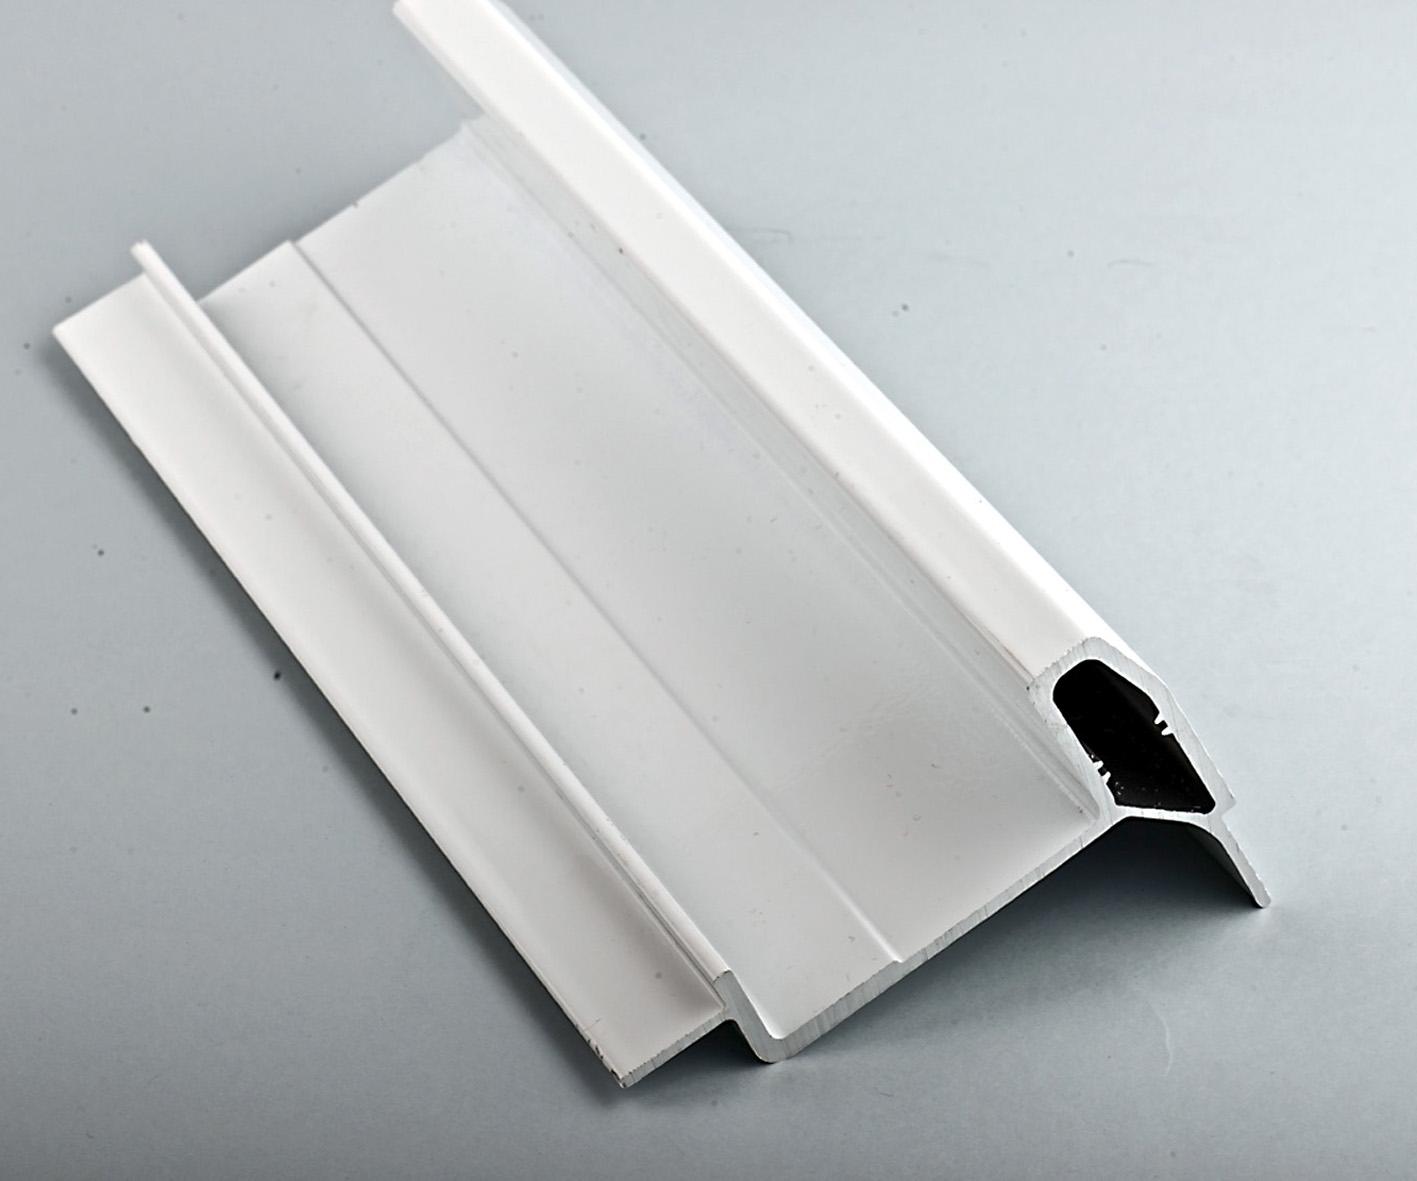 太阳能边框铝型材美观